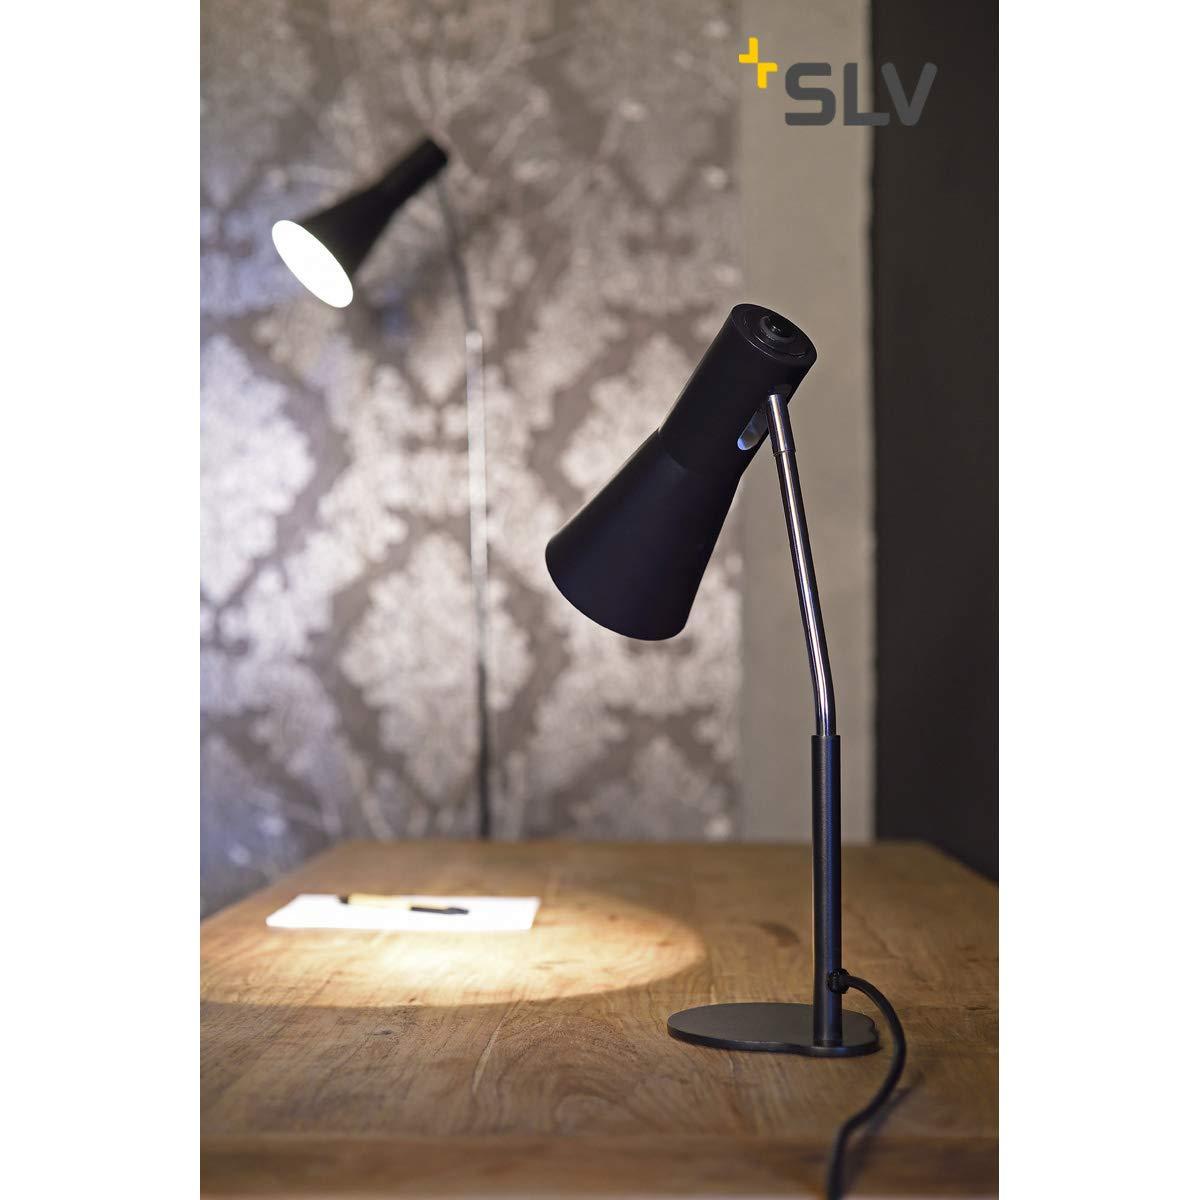 Stehleuchten Leuchten & Leuchtmittel Gastfreundlich Design Stehlampe Stehleuchte Deckenfluter Lampenschirm Metall Wohnzimmer Modern